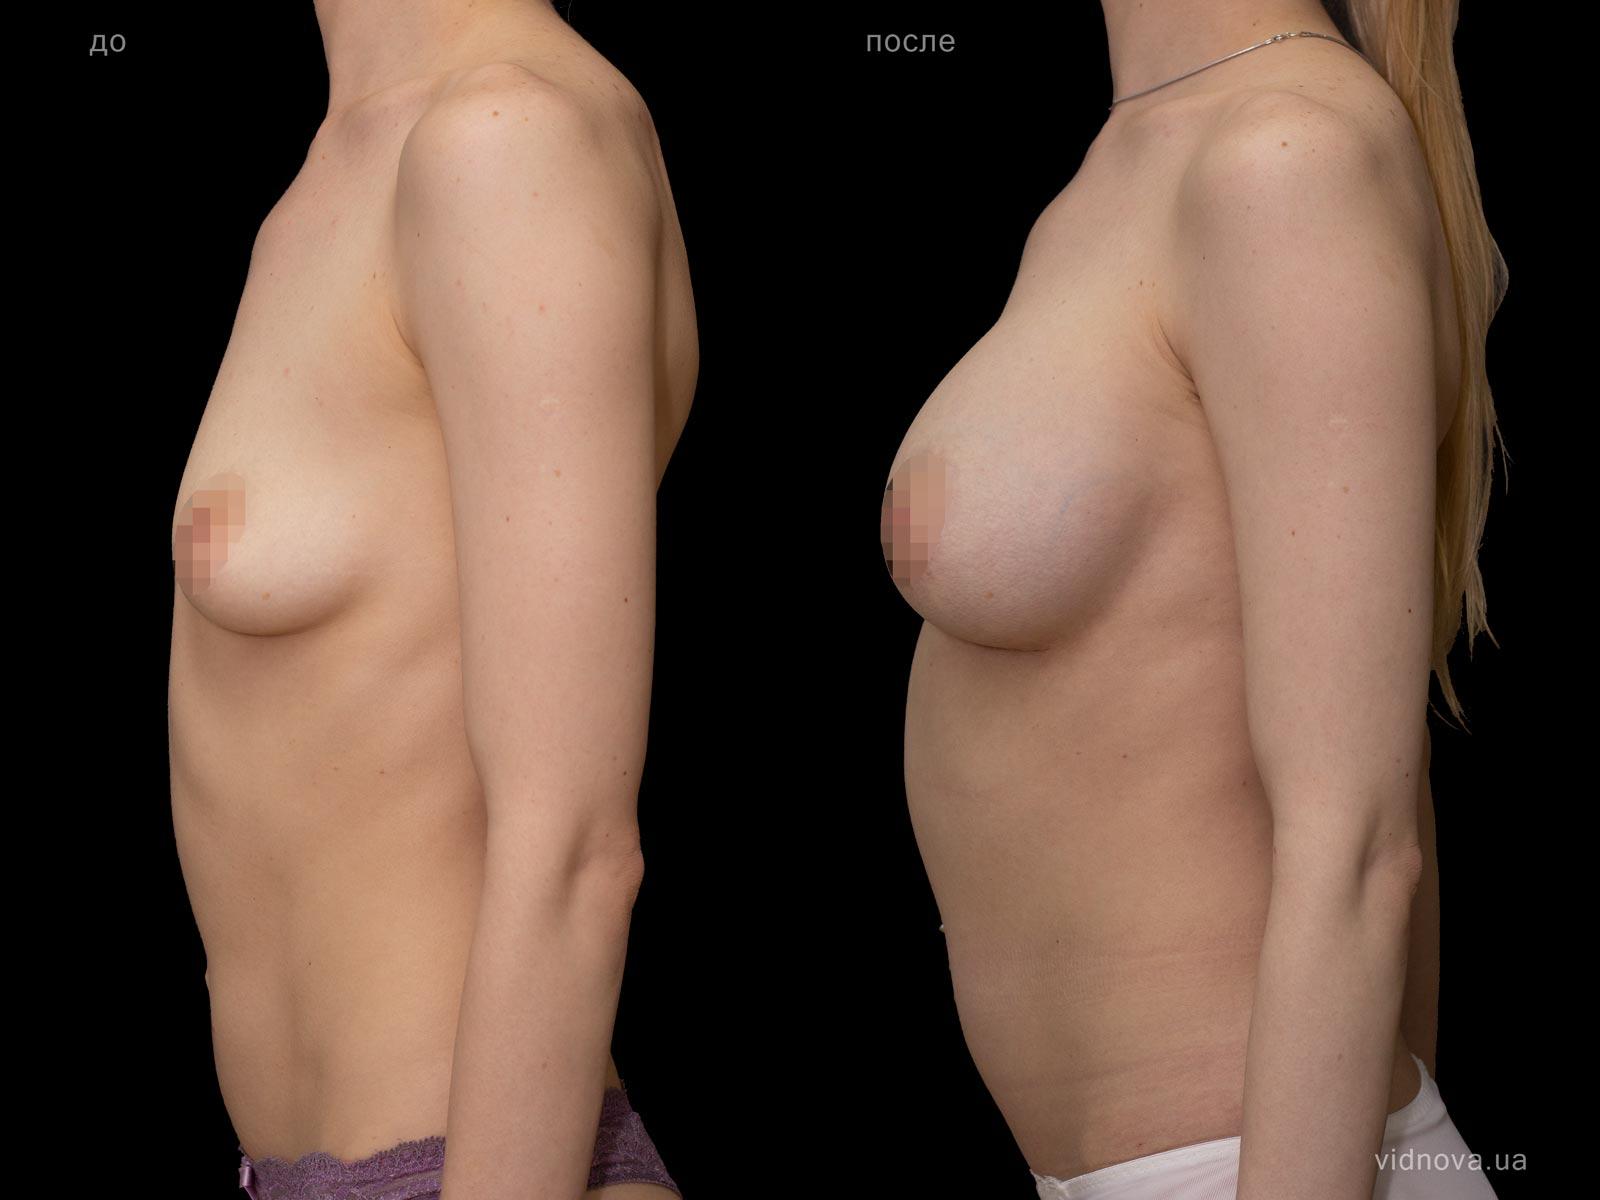 Пластика груди: результаты до и после - Пример №95-2 - Светлана Работенко